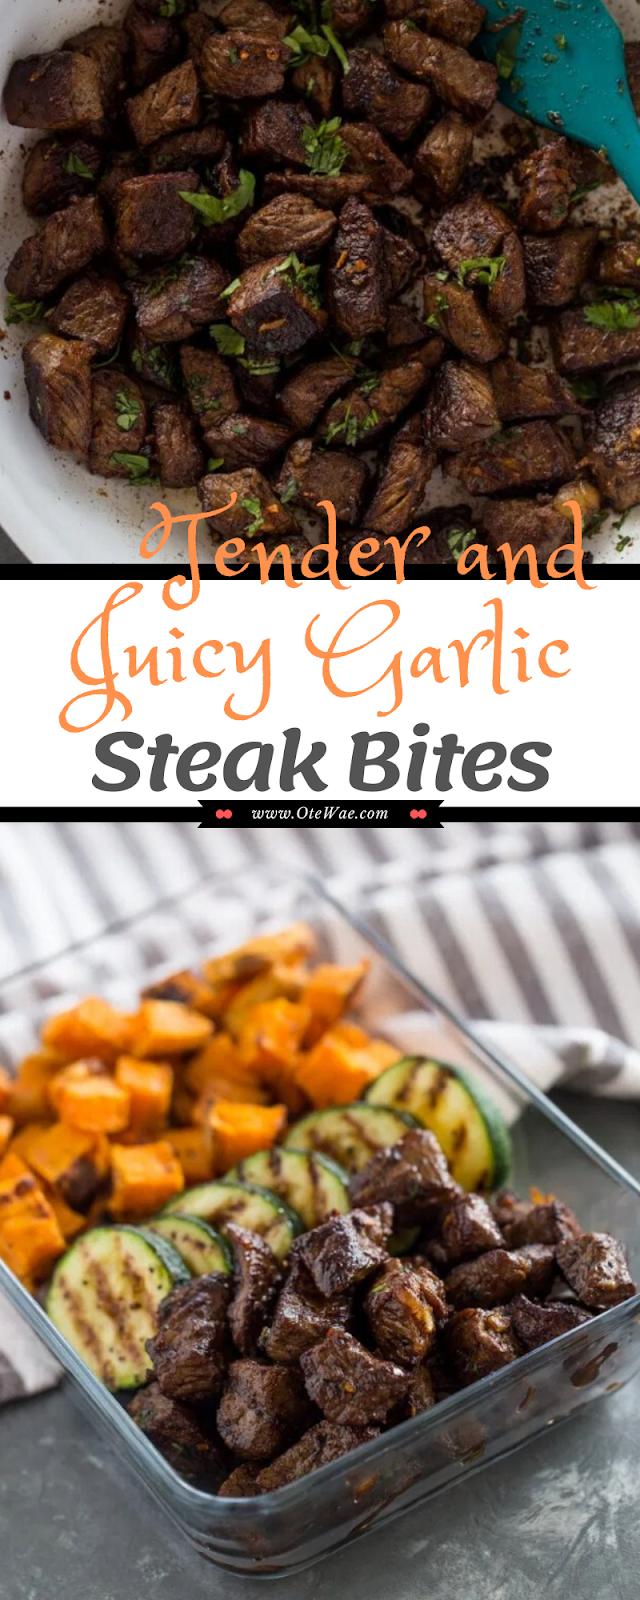 Tender and Juicy Garlic Steak Bites